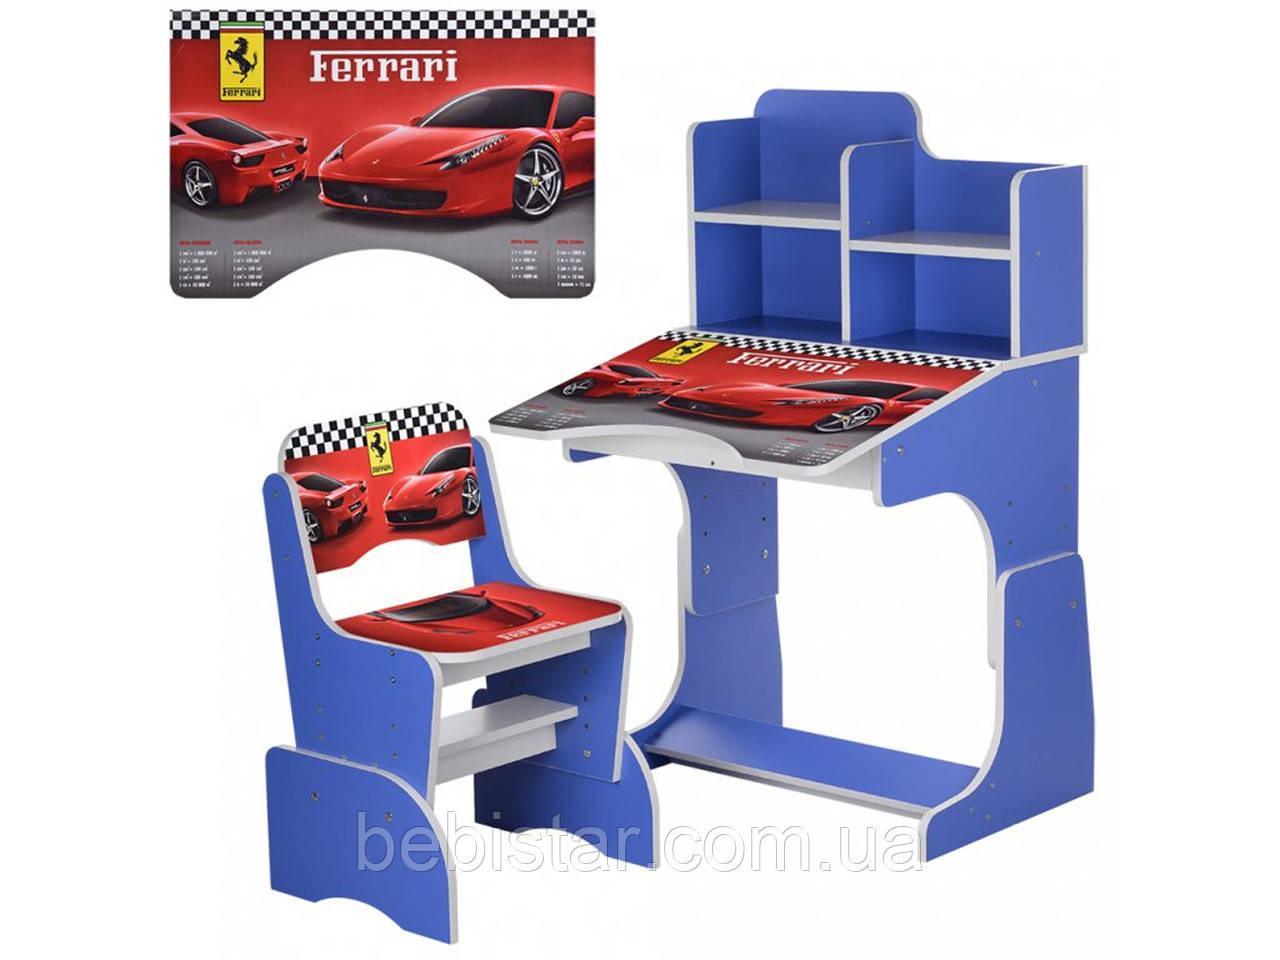 Детская парта синяя со стульчиком Ferrari для мальчиков